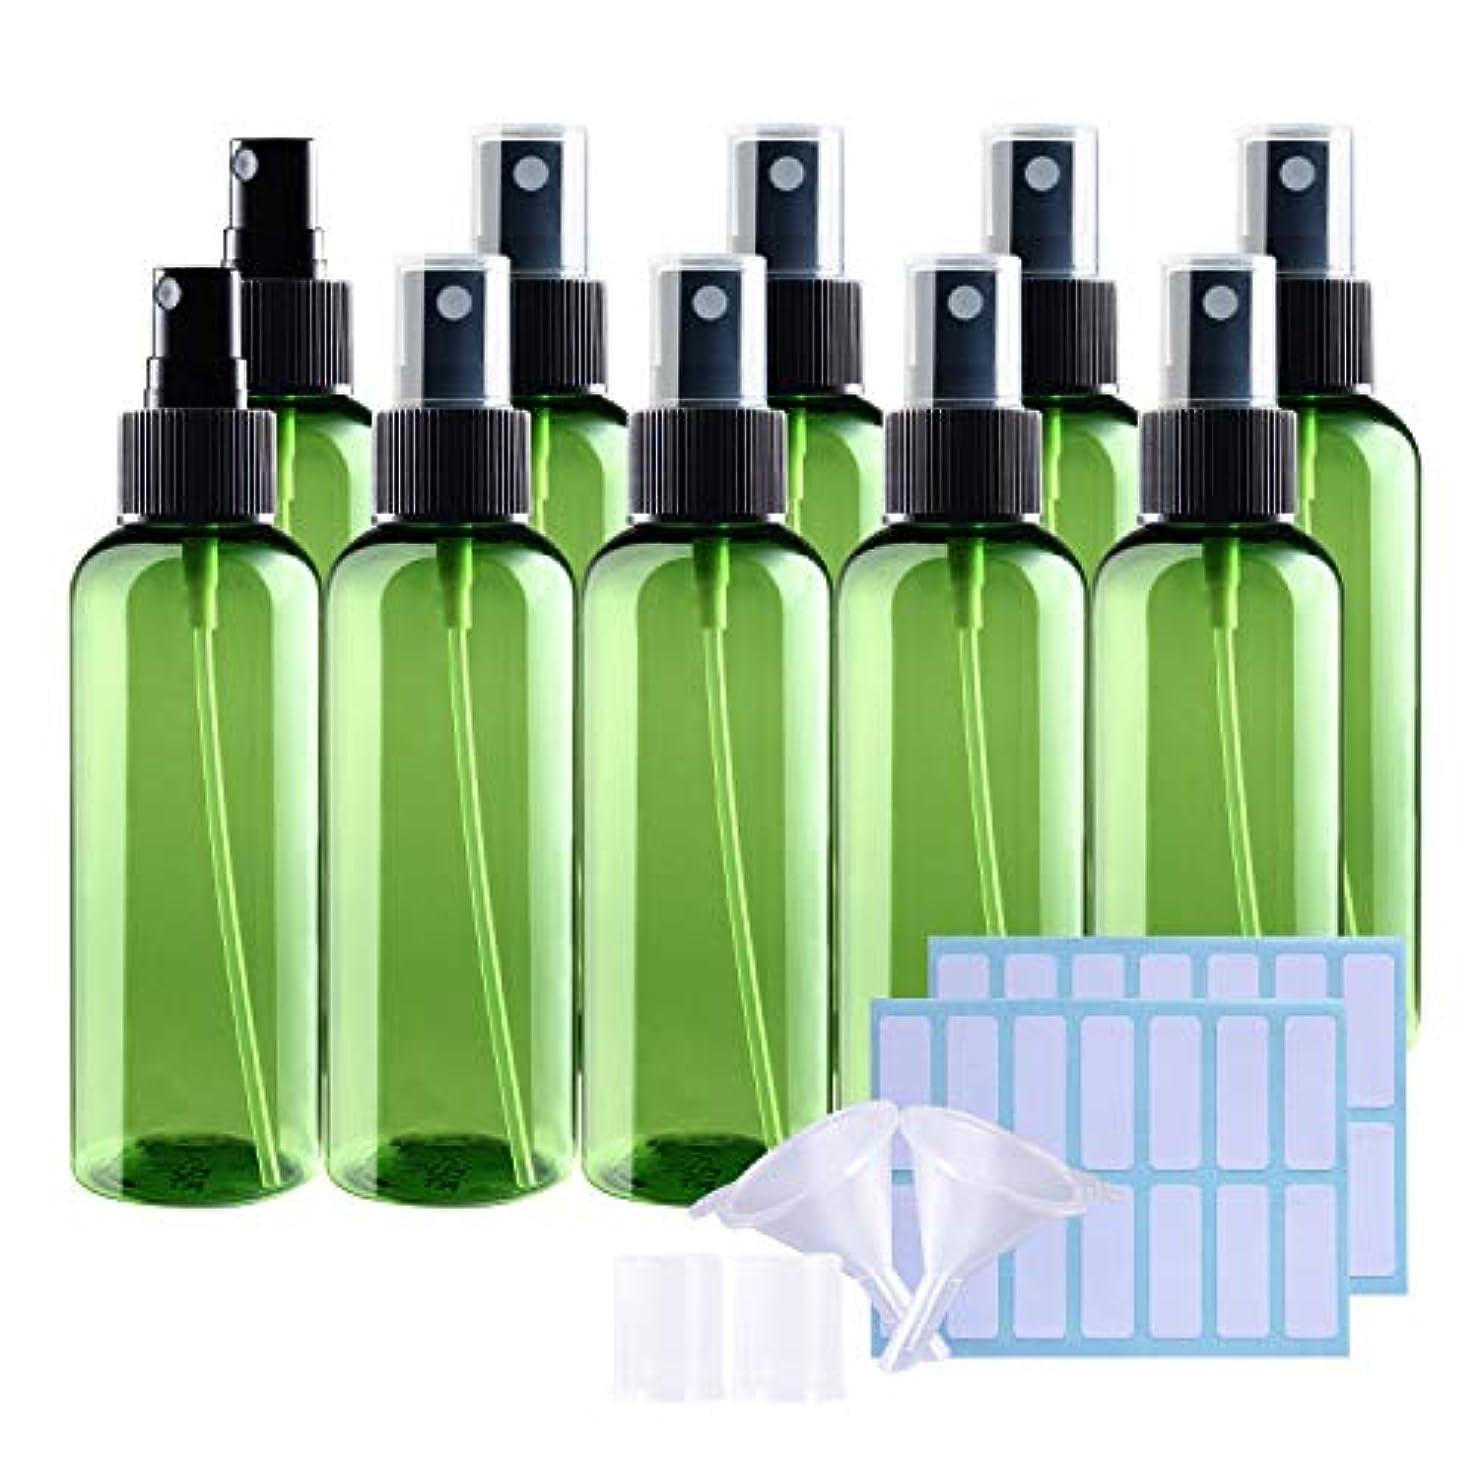 ワットふさわしいそよ風100mlスプレーボトル 10個セット遮光瓶 小分けボトル プラスチック容器 液体用空ボトル 押し式詰替用ボトル 詰め替え シャンプー クリーム 化粧品 収納瓶(緑 10本)